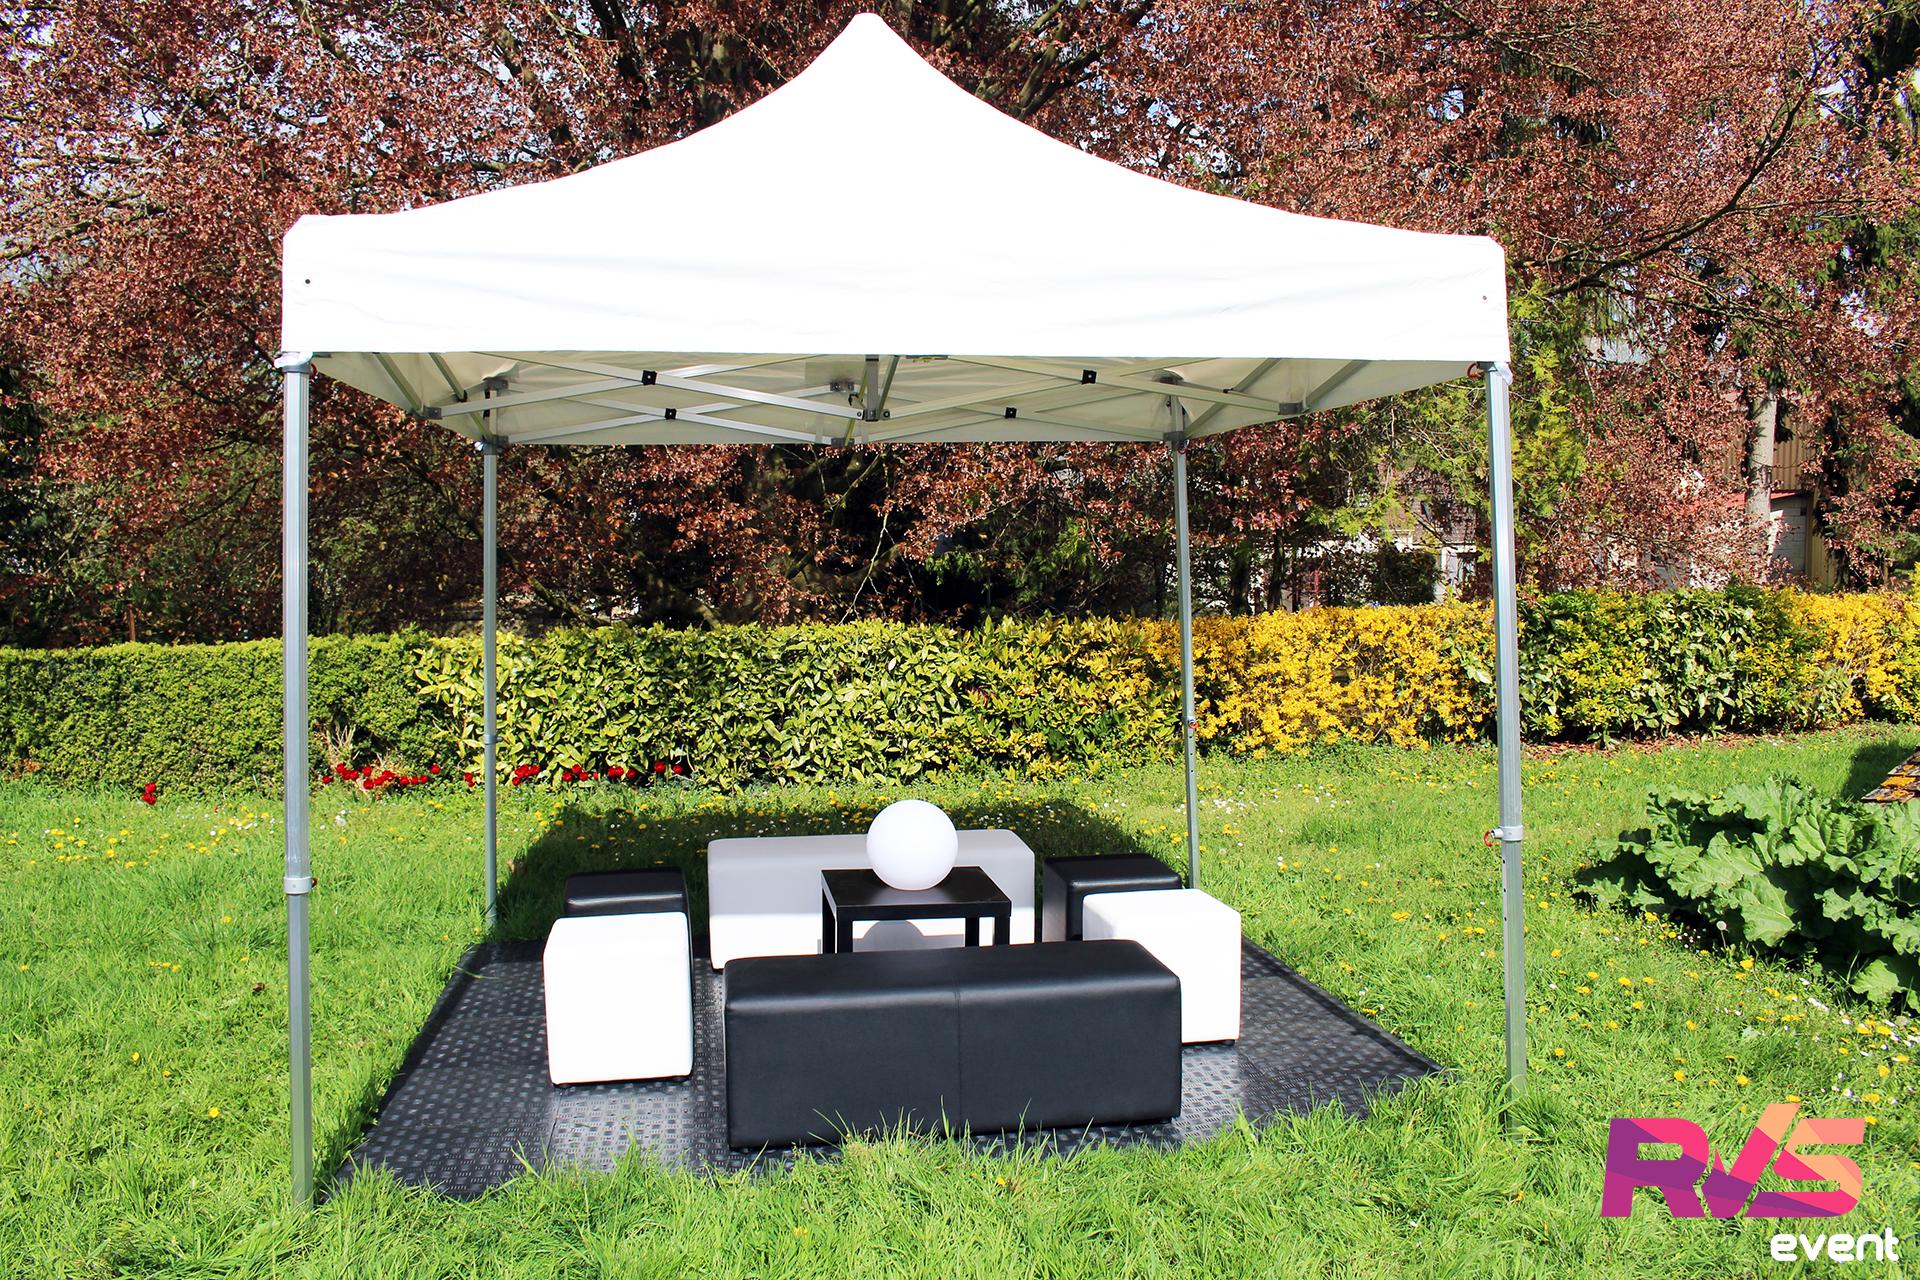 Location de tente 3x3 + banquettes + poufs - RVS Event